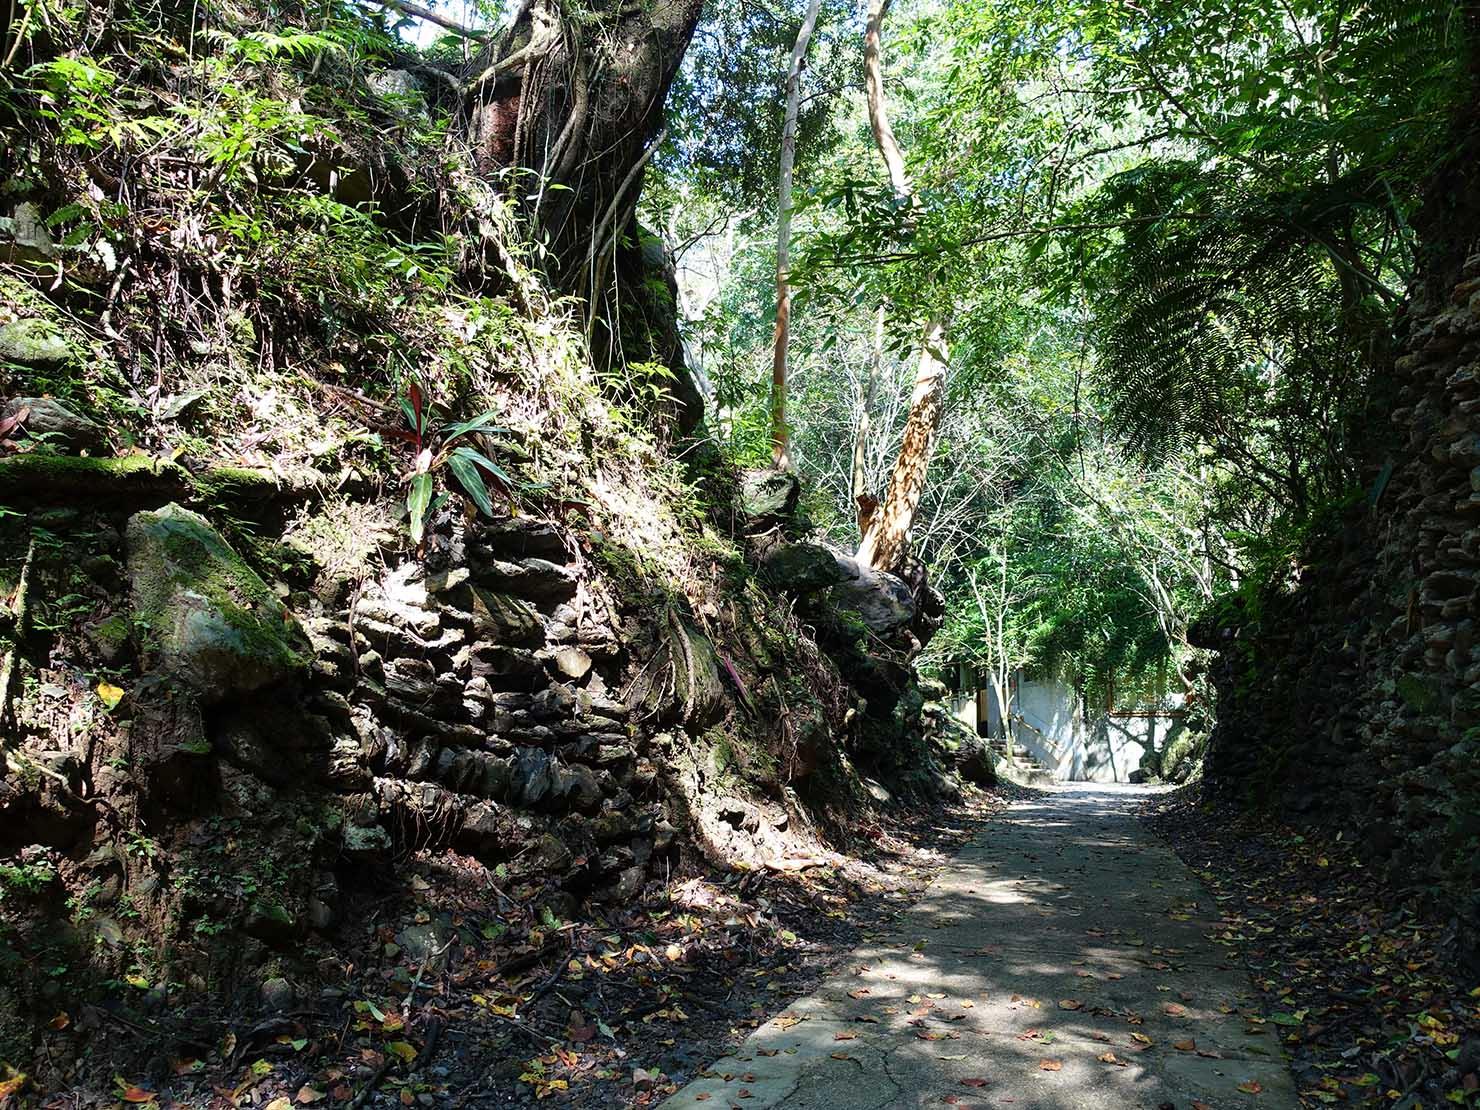 台北・烏來温泉から行けるテーマパーク「雲仙樂園」園内の遊歩道